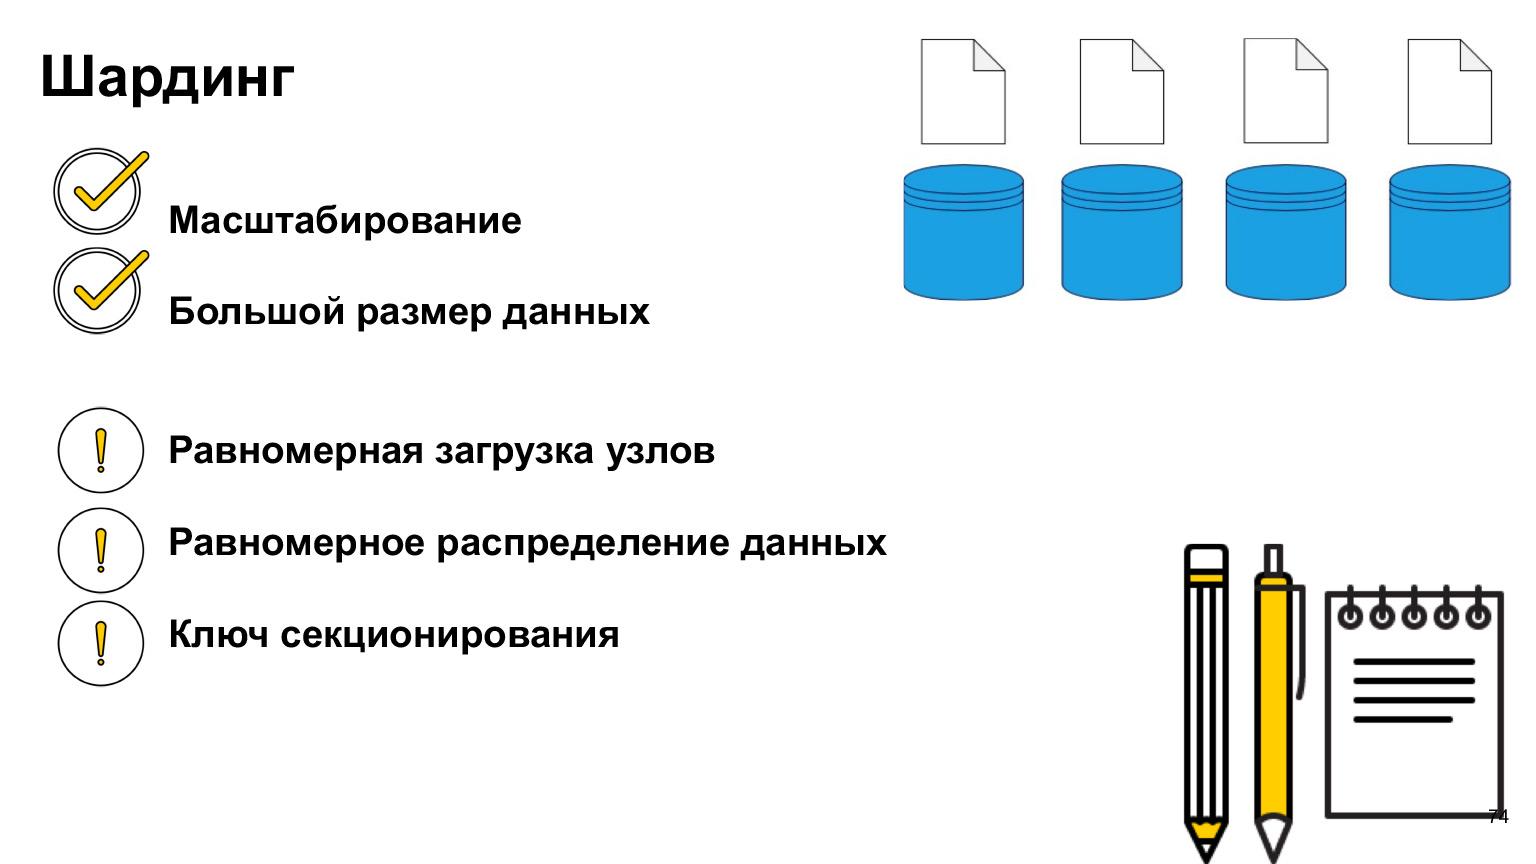 Базы данных: большой обзор типов и подходов. Доклад Яндекса - 44